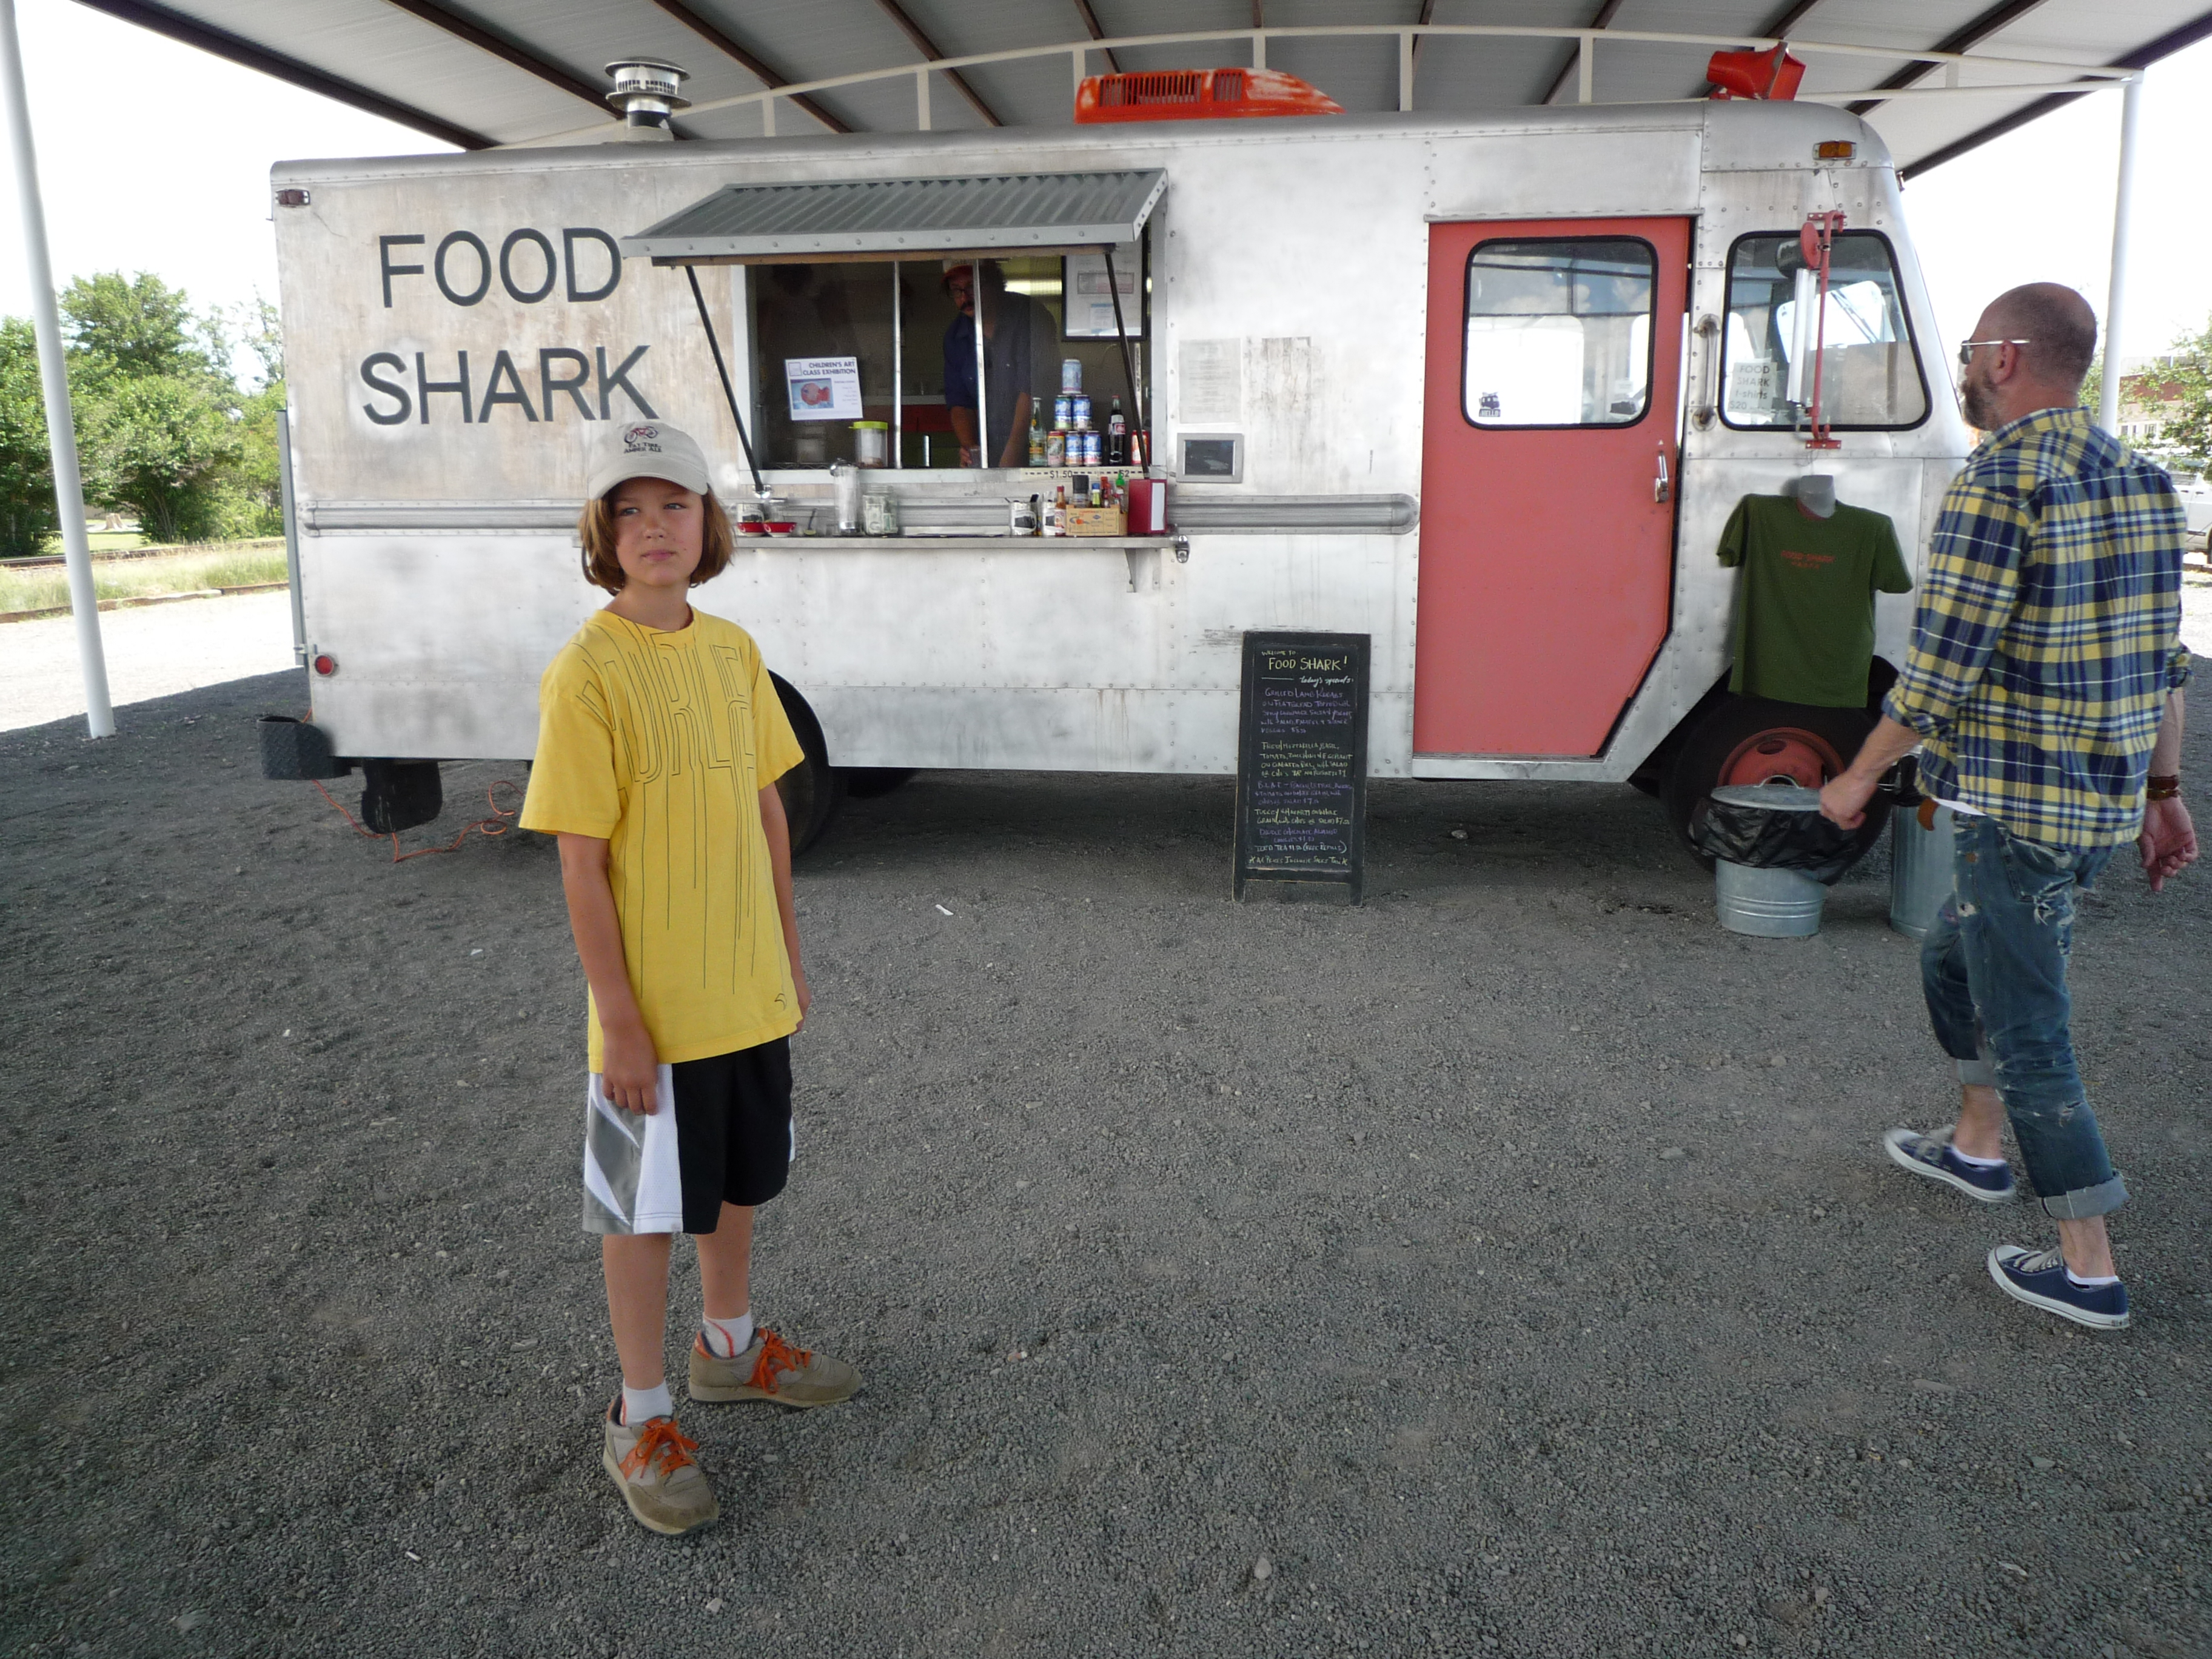 A land shark in Marfa, Texas.